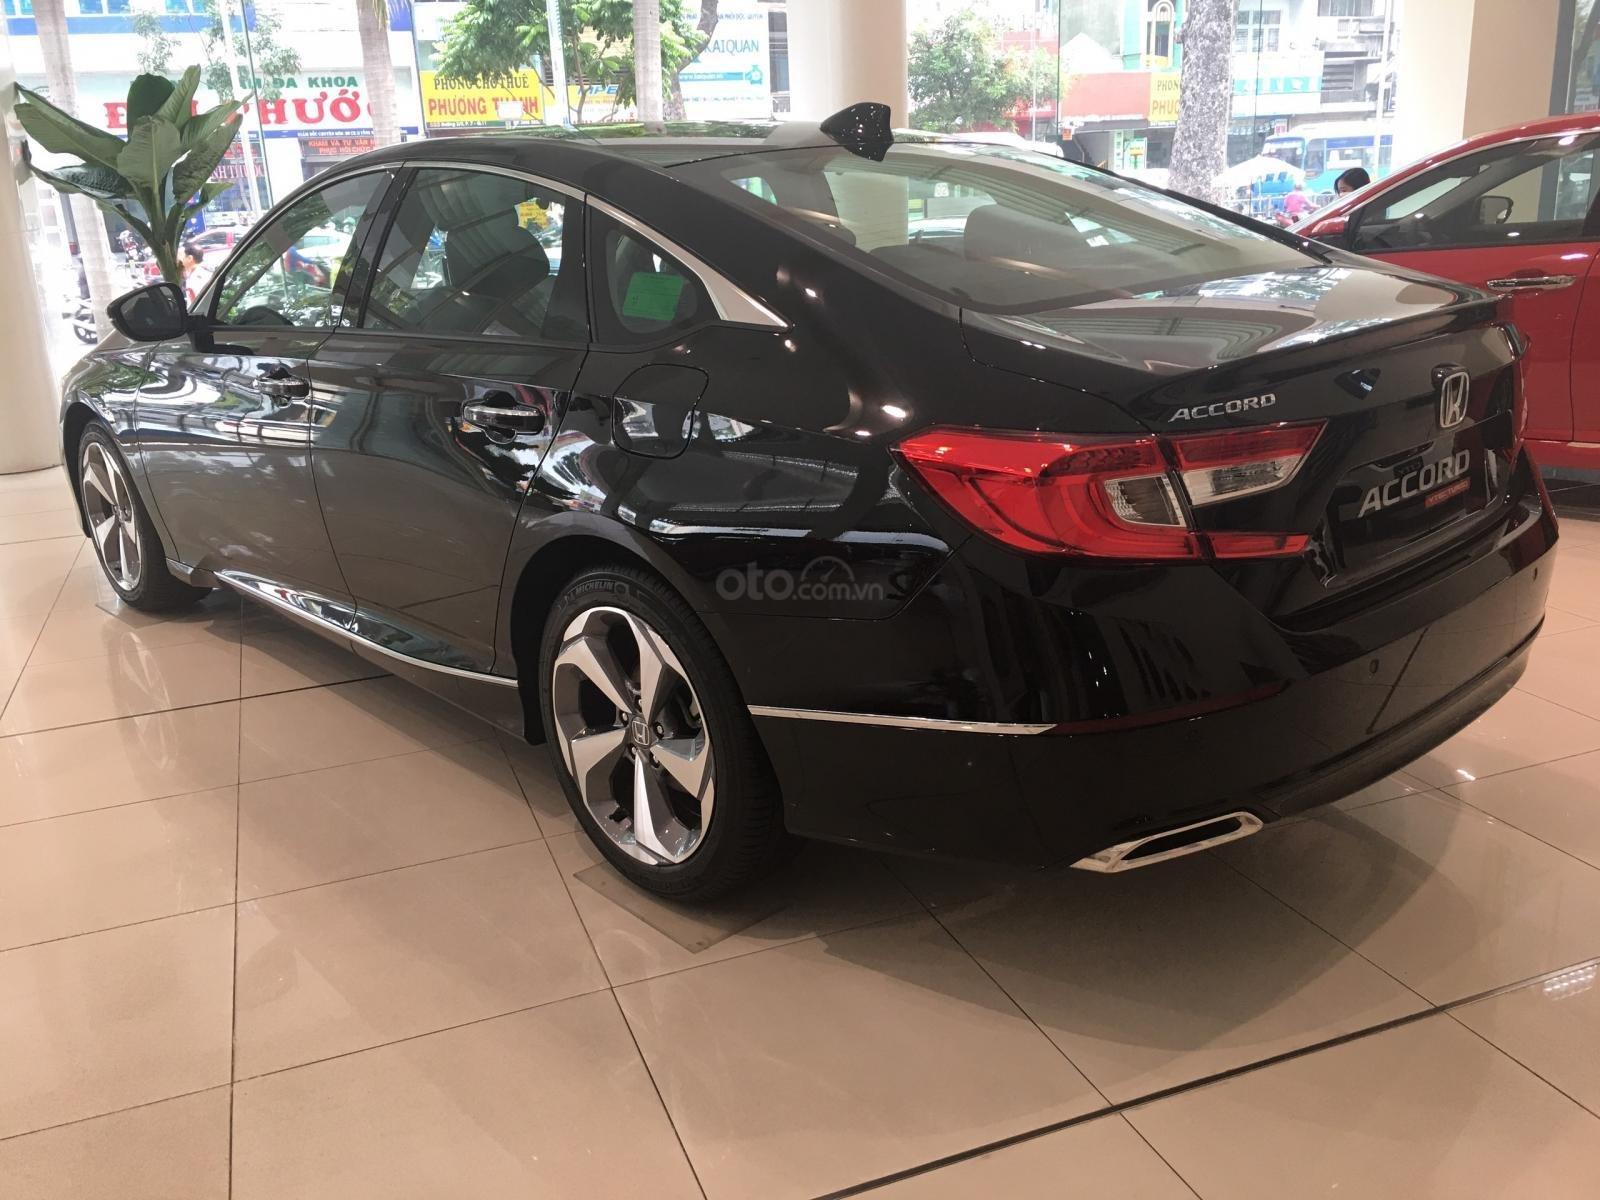 Honda Accord 2019 1.5 Turbo - Nhập khẩu nguyên chiếc - Giao ngay. LH: 0966877768 Mr. Hải (4)